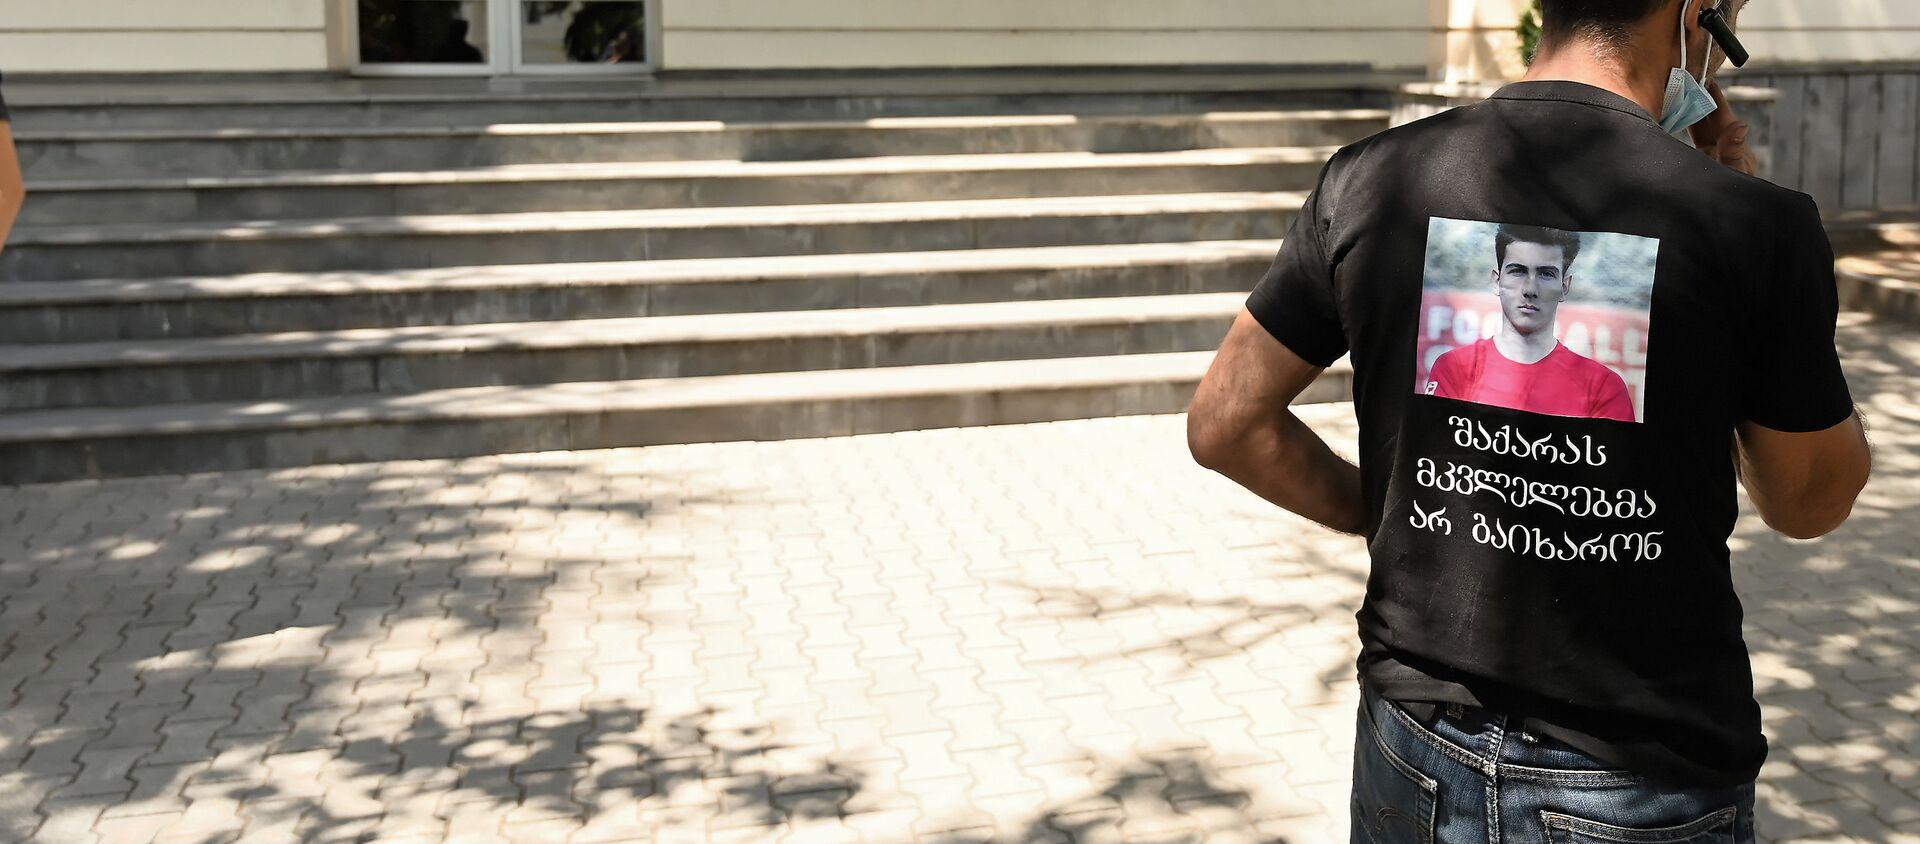 Мцхетский региональный суд. Слушается дело об убийстве Шакарашвили - Sputnik Грузия, 1920, 19.03.2021